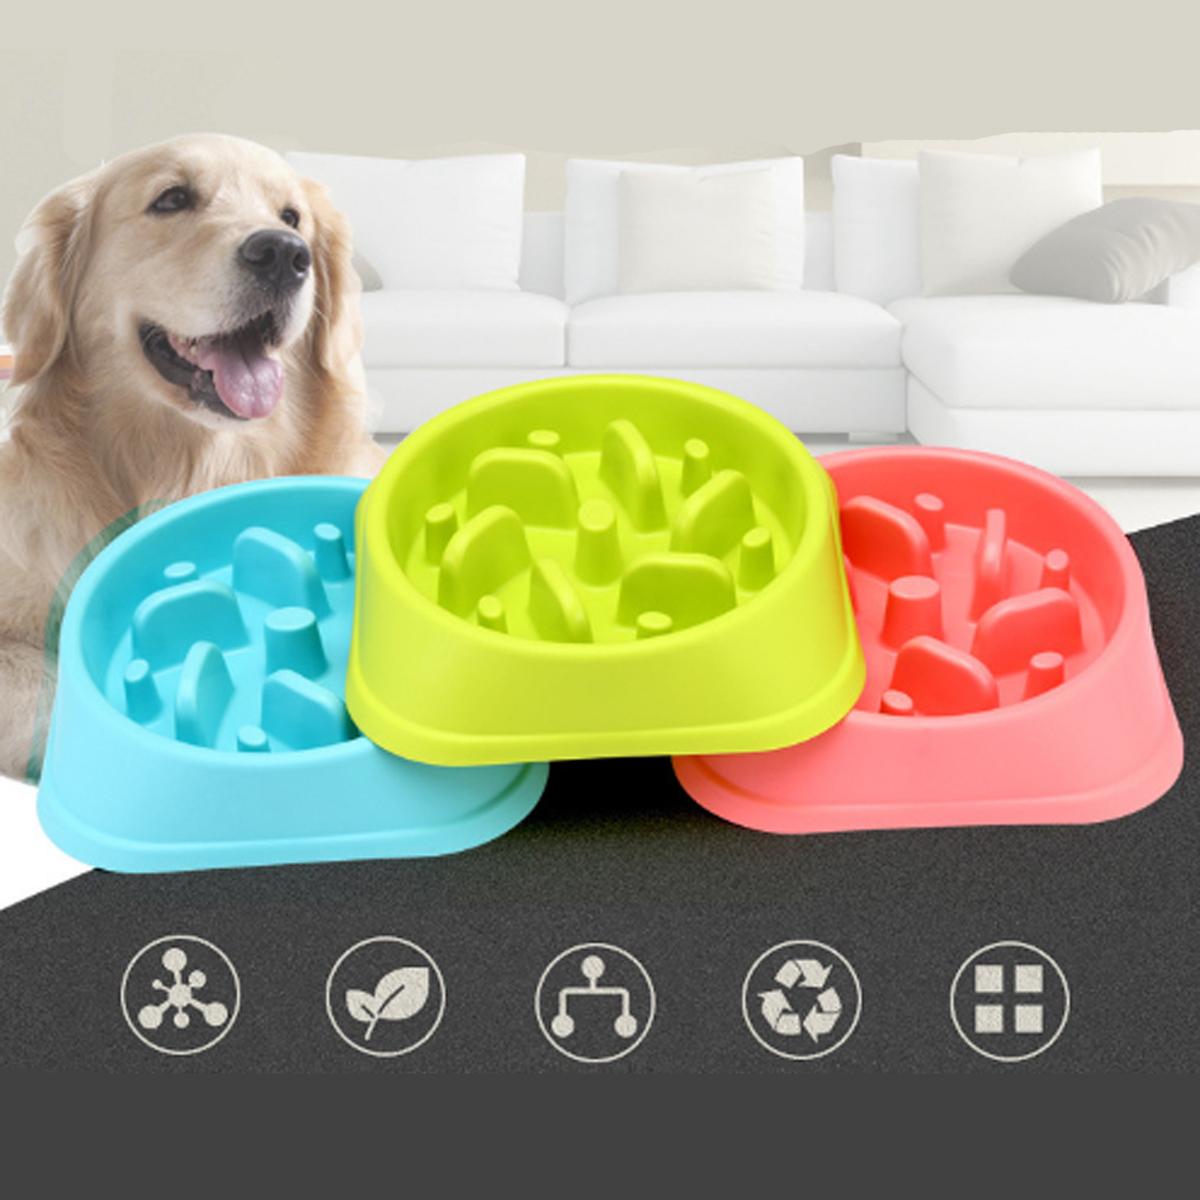 Pet Square Slow Food Bowl Dog Anti-mite Bowl